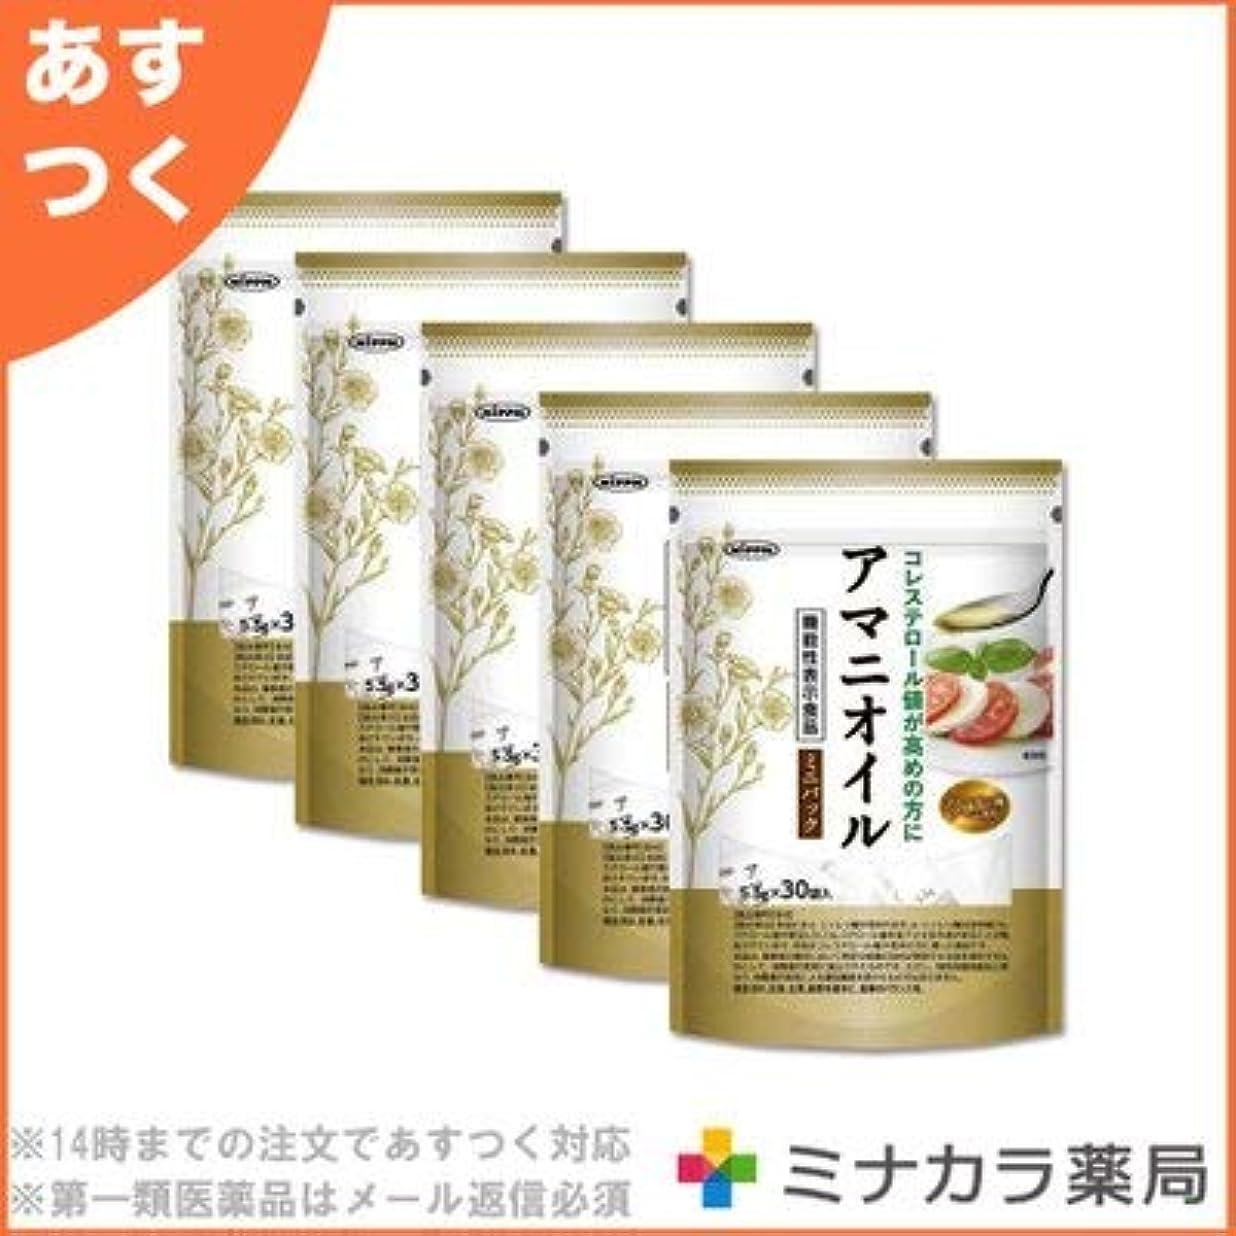 大破理解ガム日本製粉 アマニオイル ミニパック 5.5g×30 (機能性表示食品)×5個セット